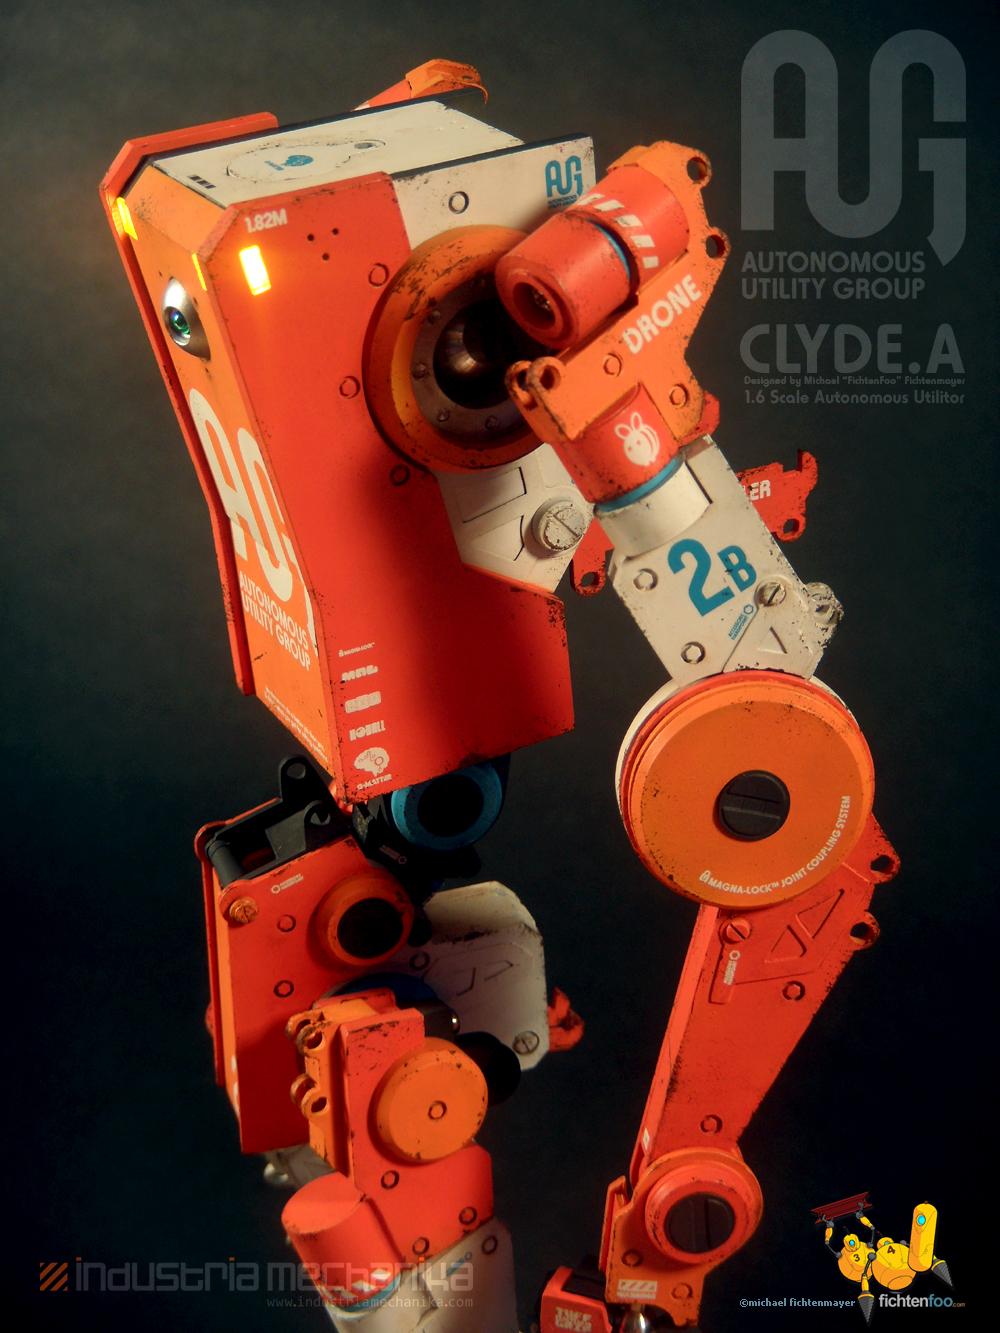 FichtenFoo-ClydeA1-09